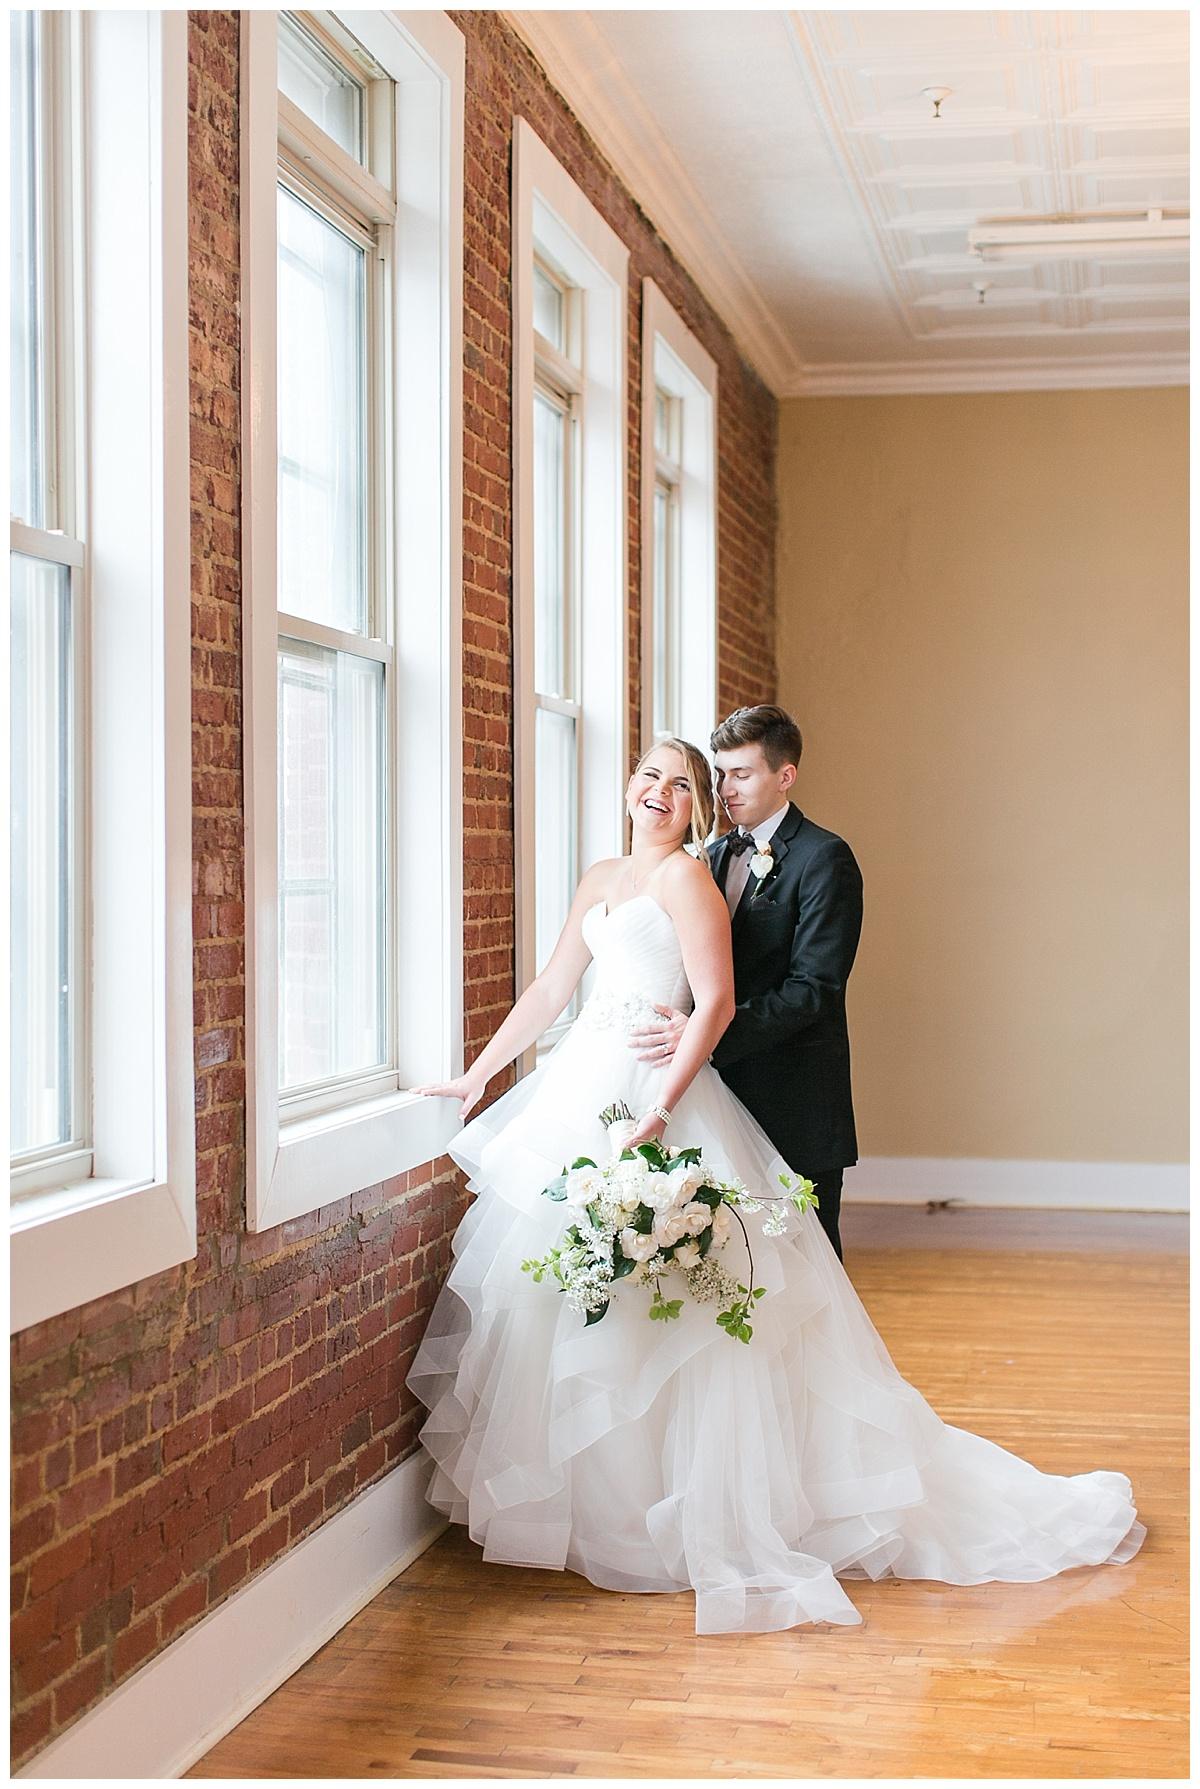 Scott's_Downtown_Monroe_Ga_Wedding_Photograpehrs_0023.jpg